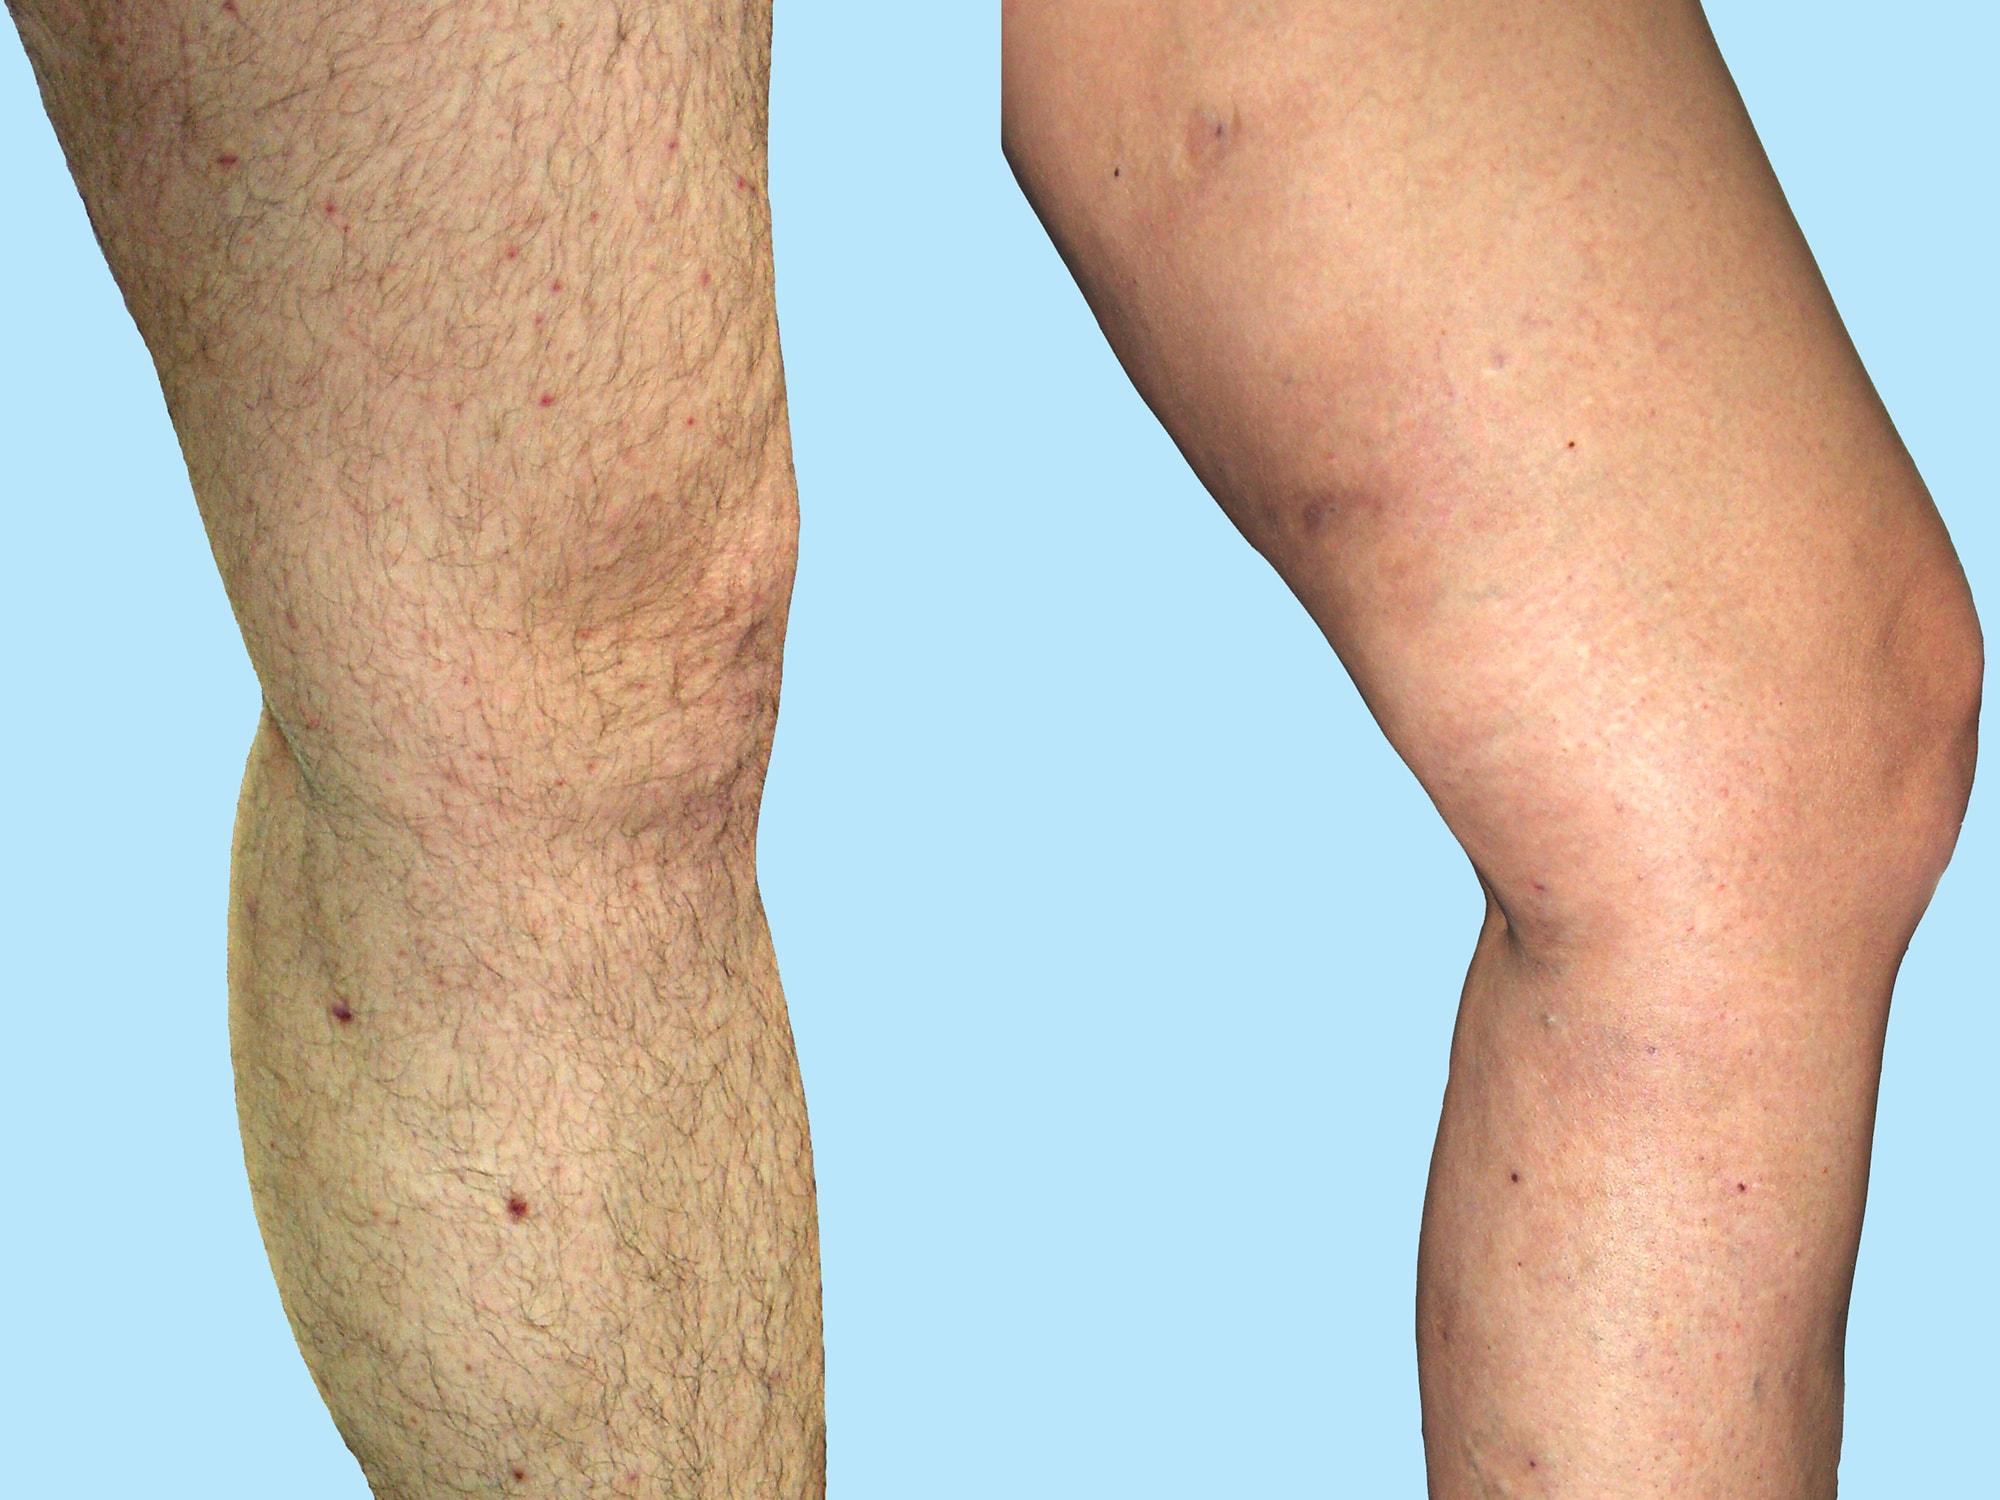 Tratamentul varicelor cu laser – fără durere și fără cicatrici